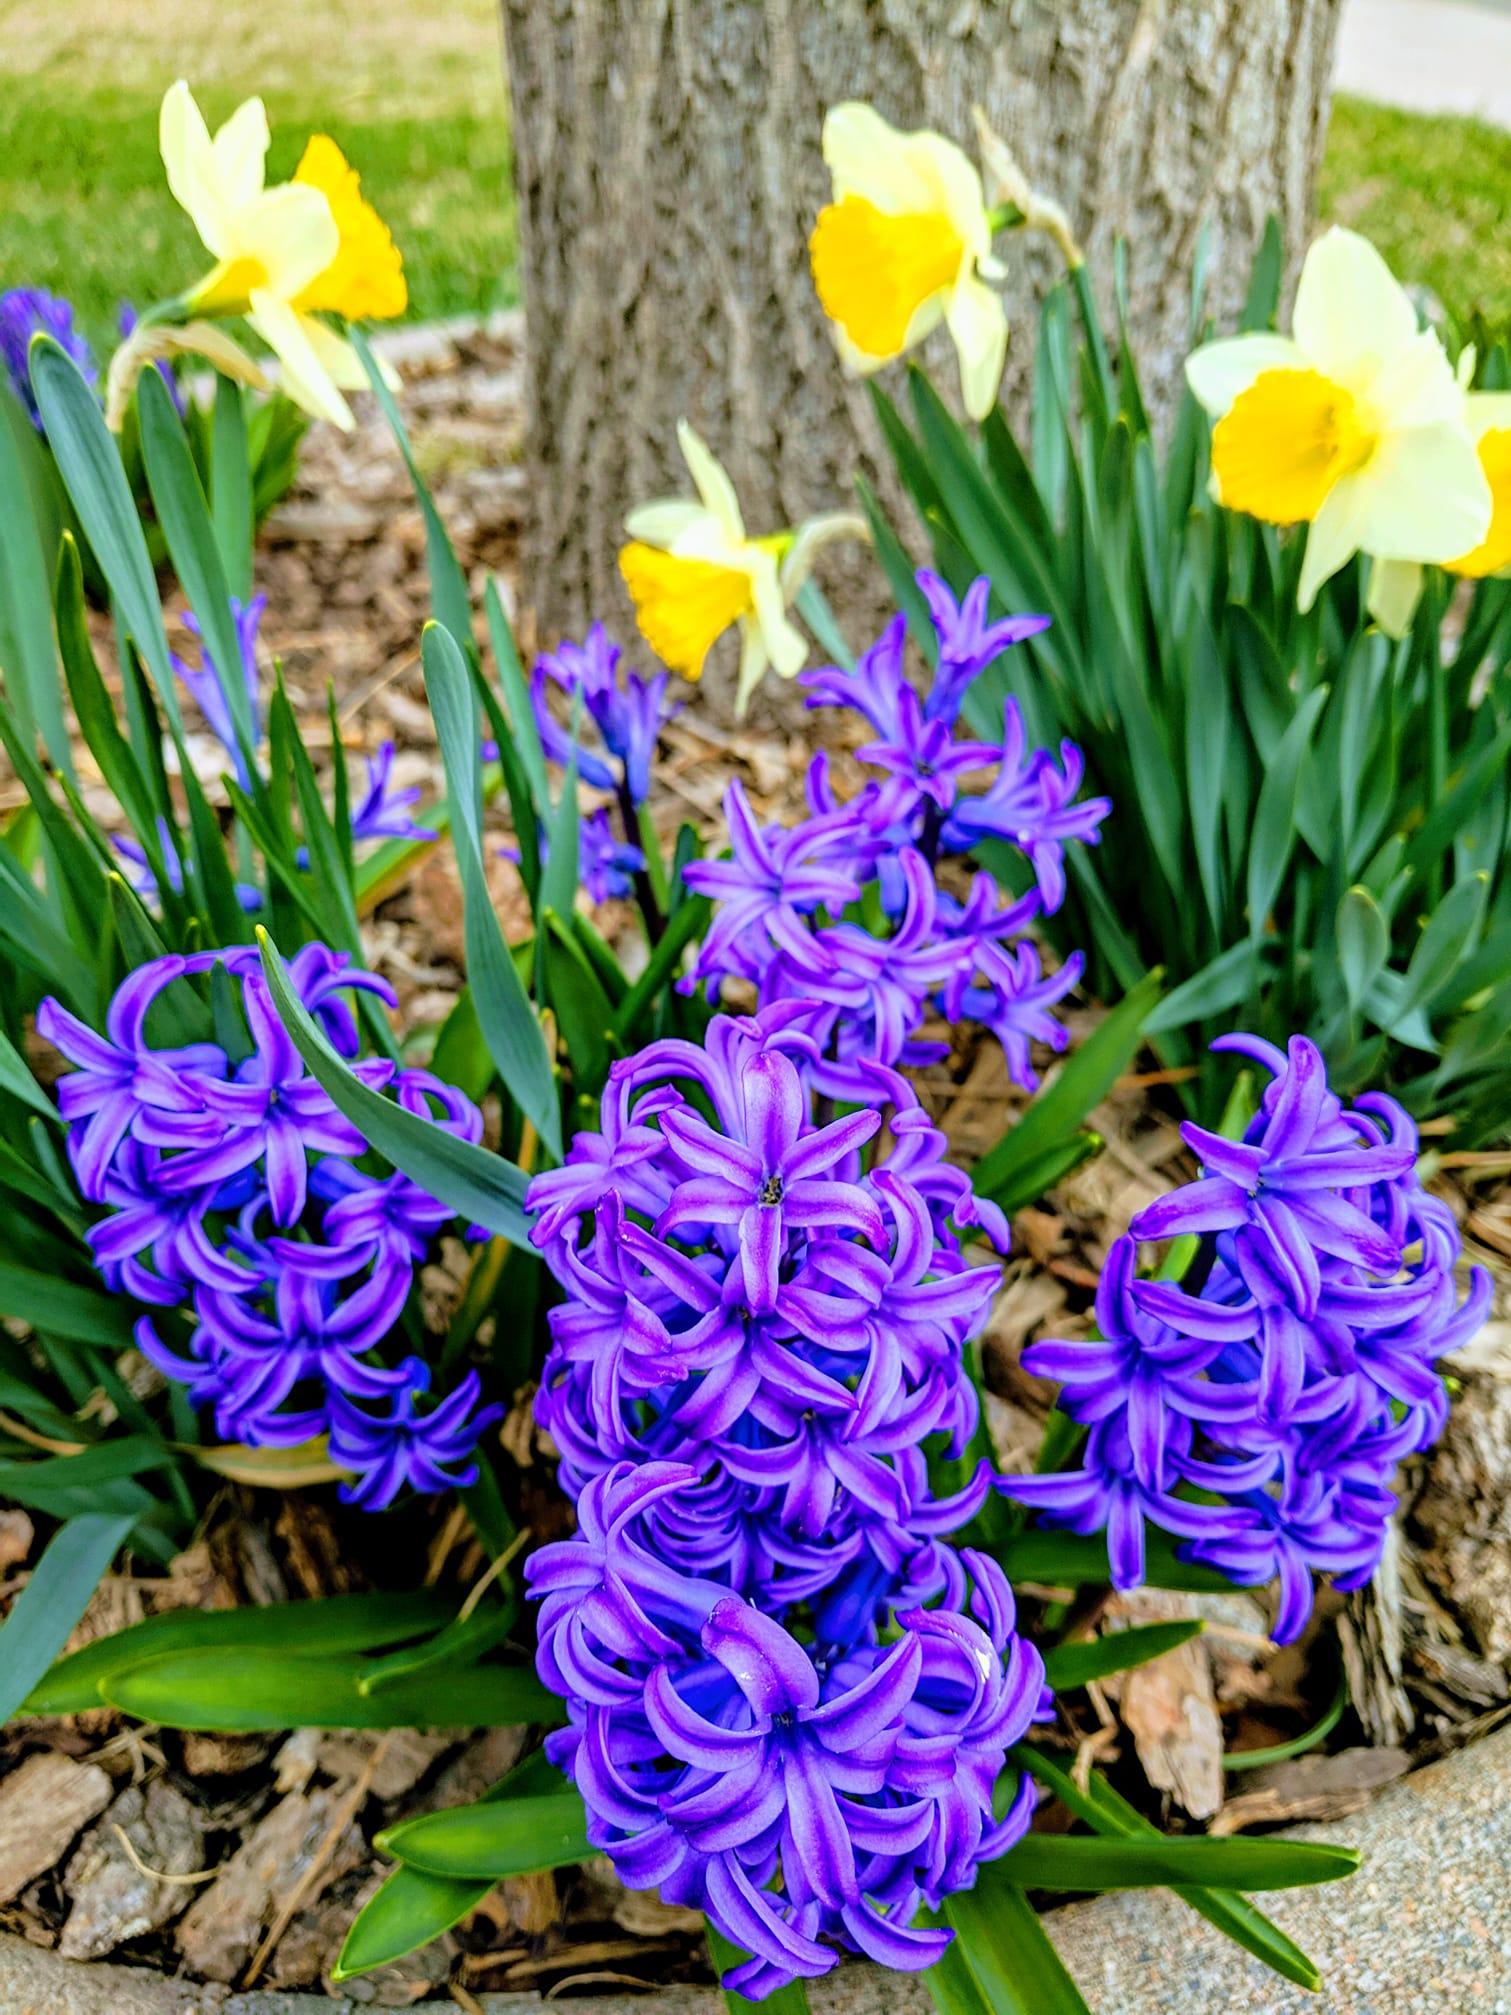 Spring flowers 4.9.19.jpg